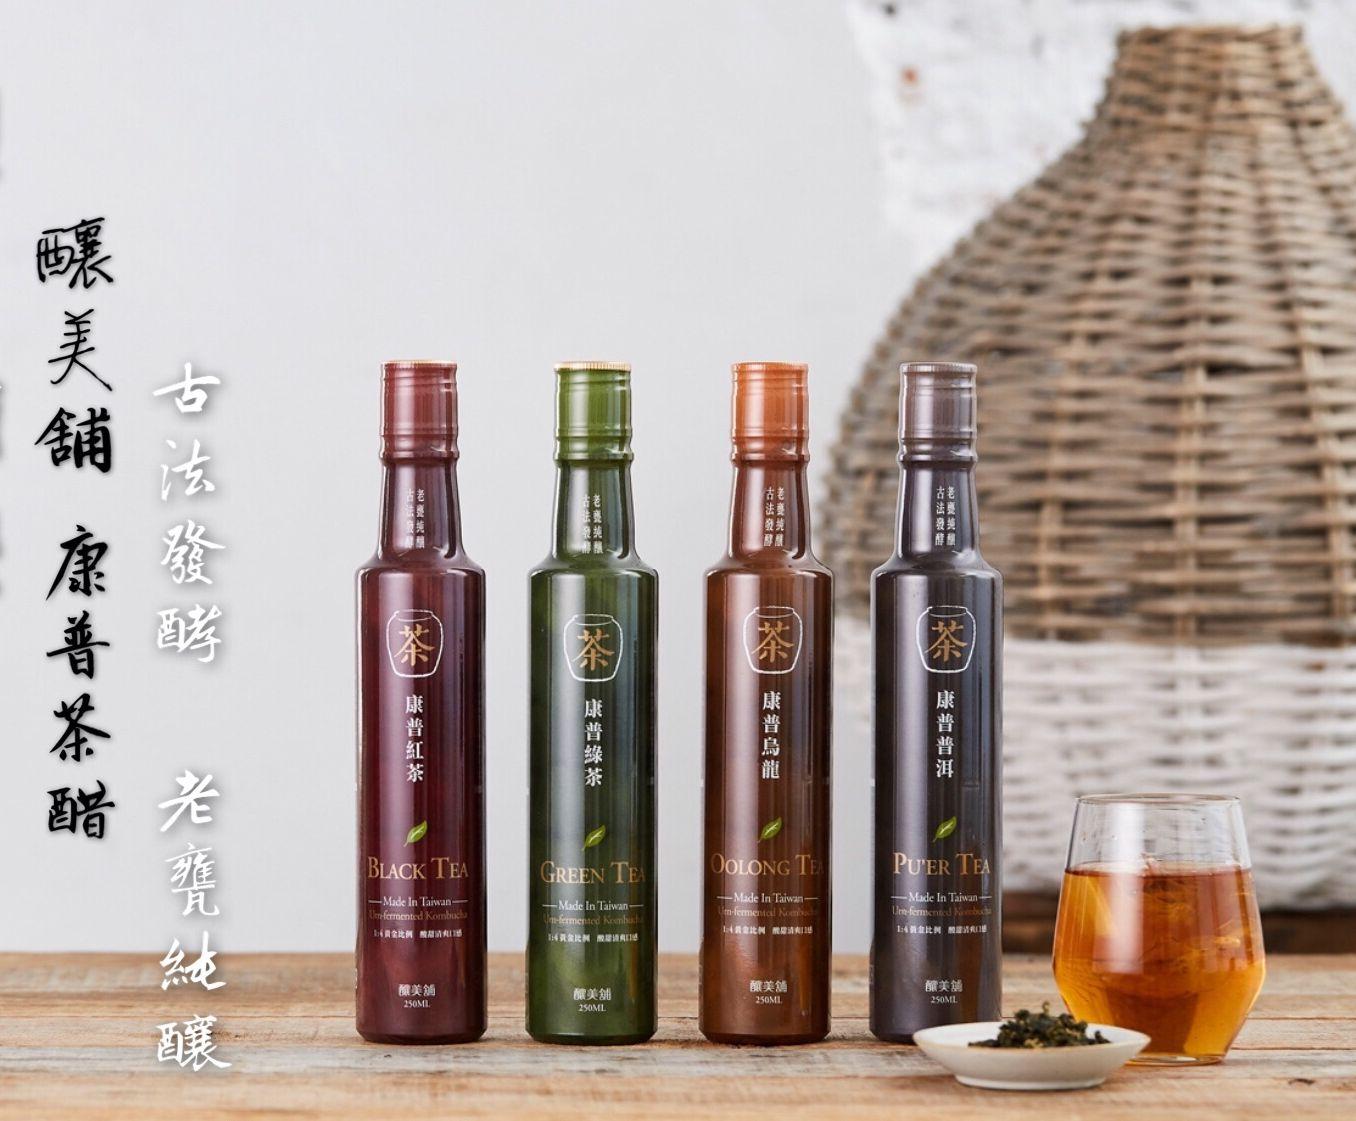 【釀美舖】康普 烏龍茶醋 (純茶甕釀) 3